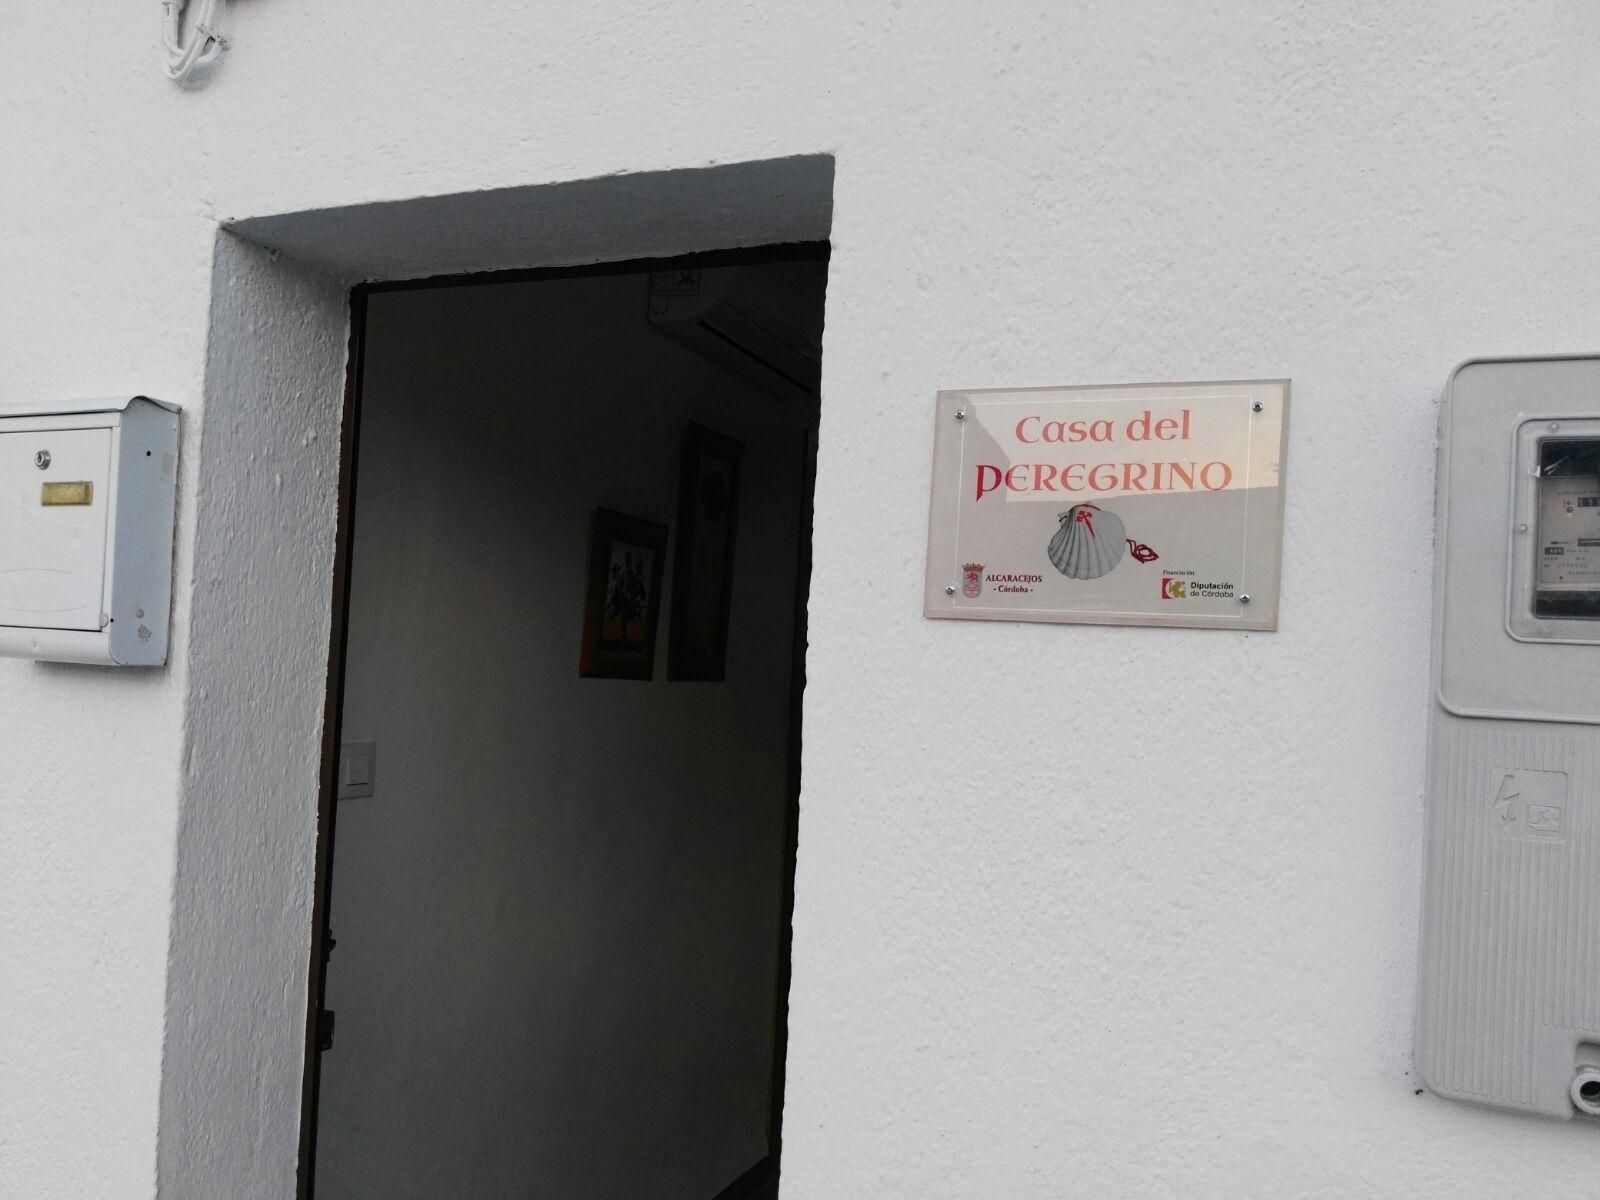 La Casa del Peregrino, un alojamiento para peregrinos en Alcaracejos